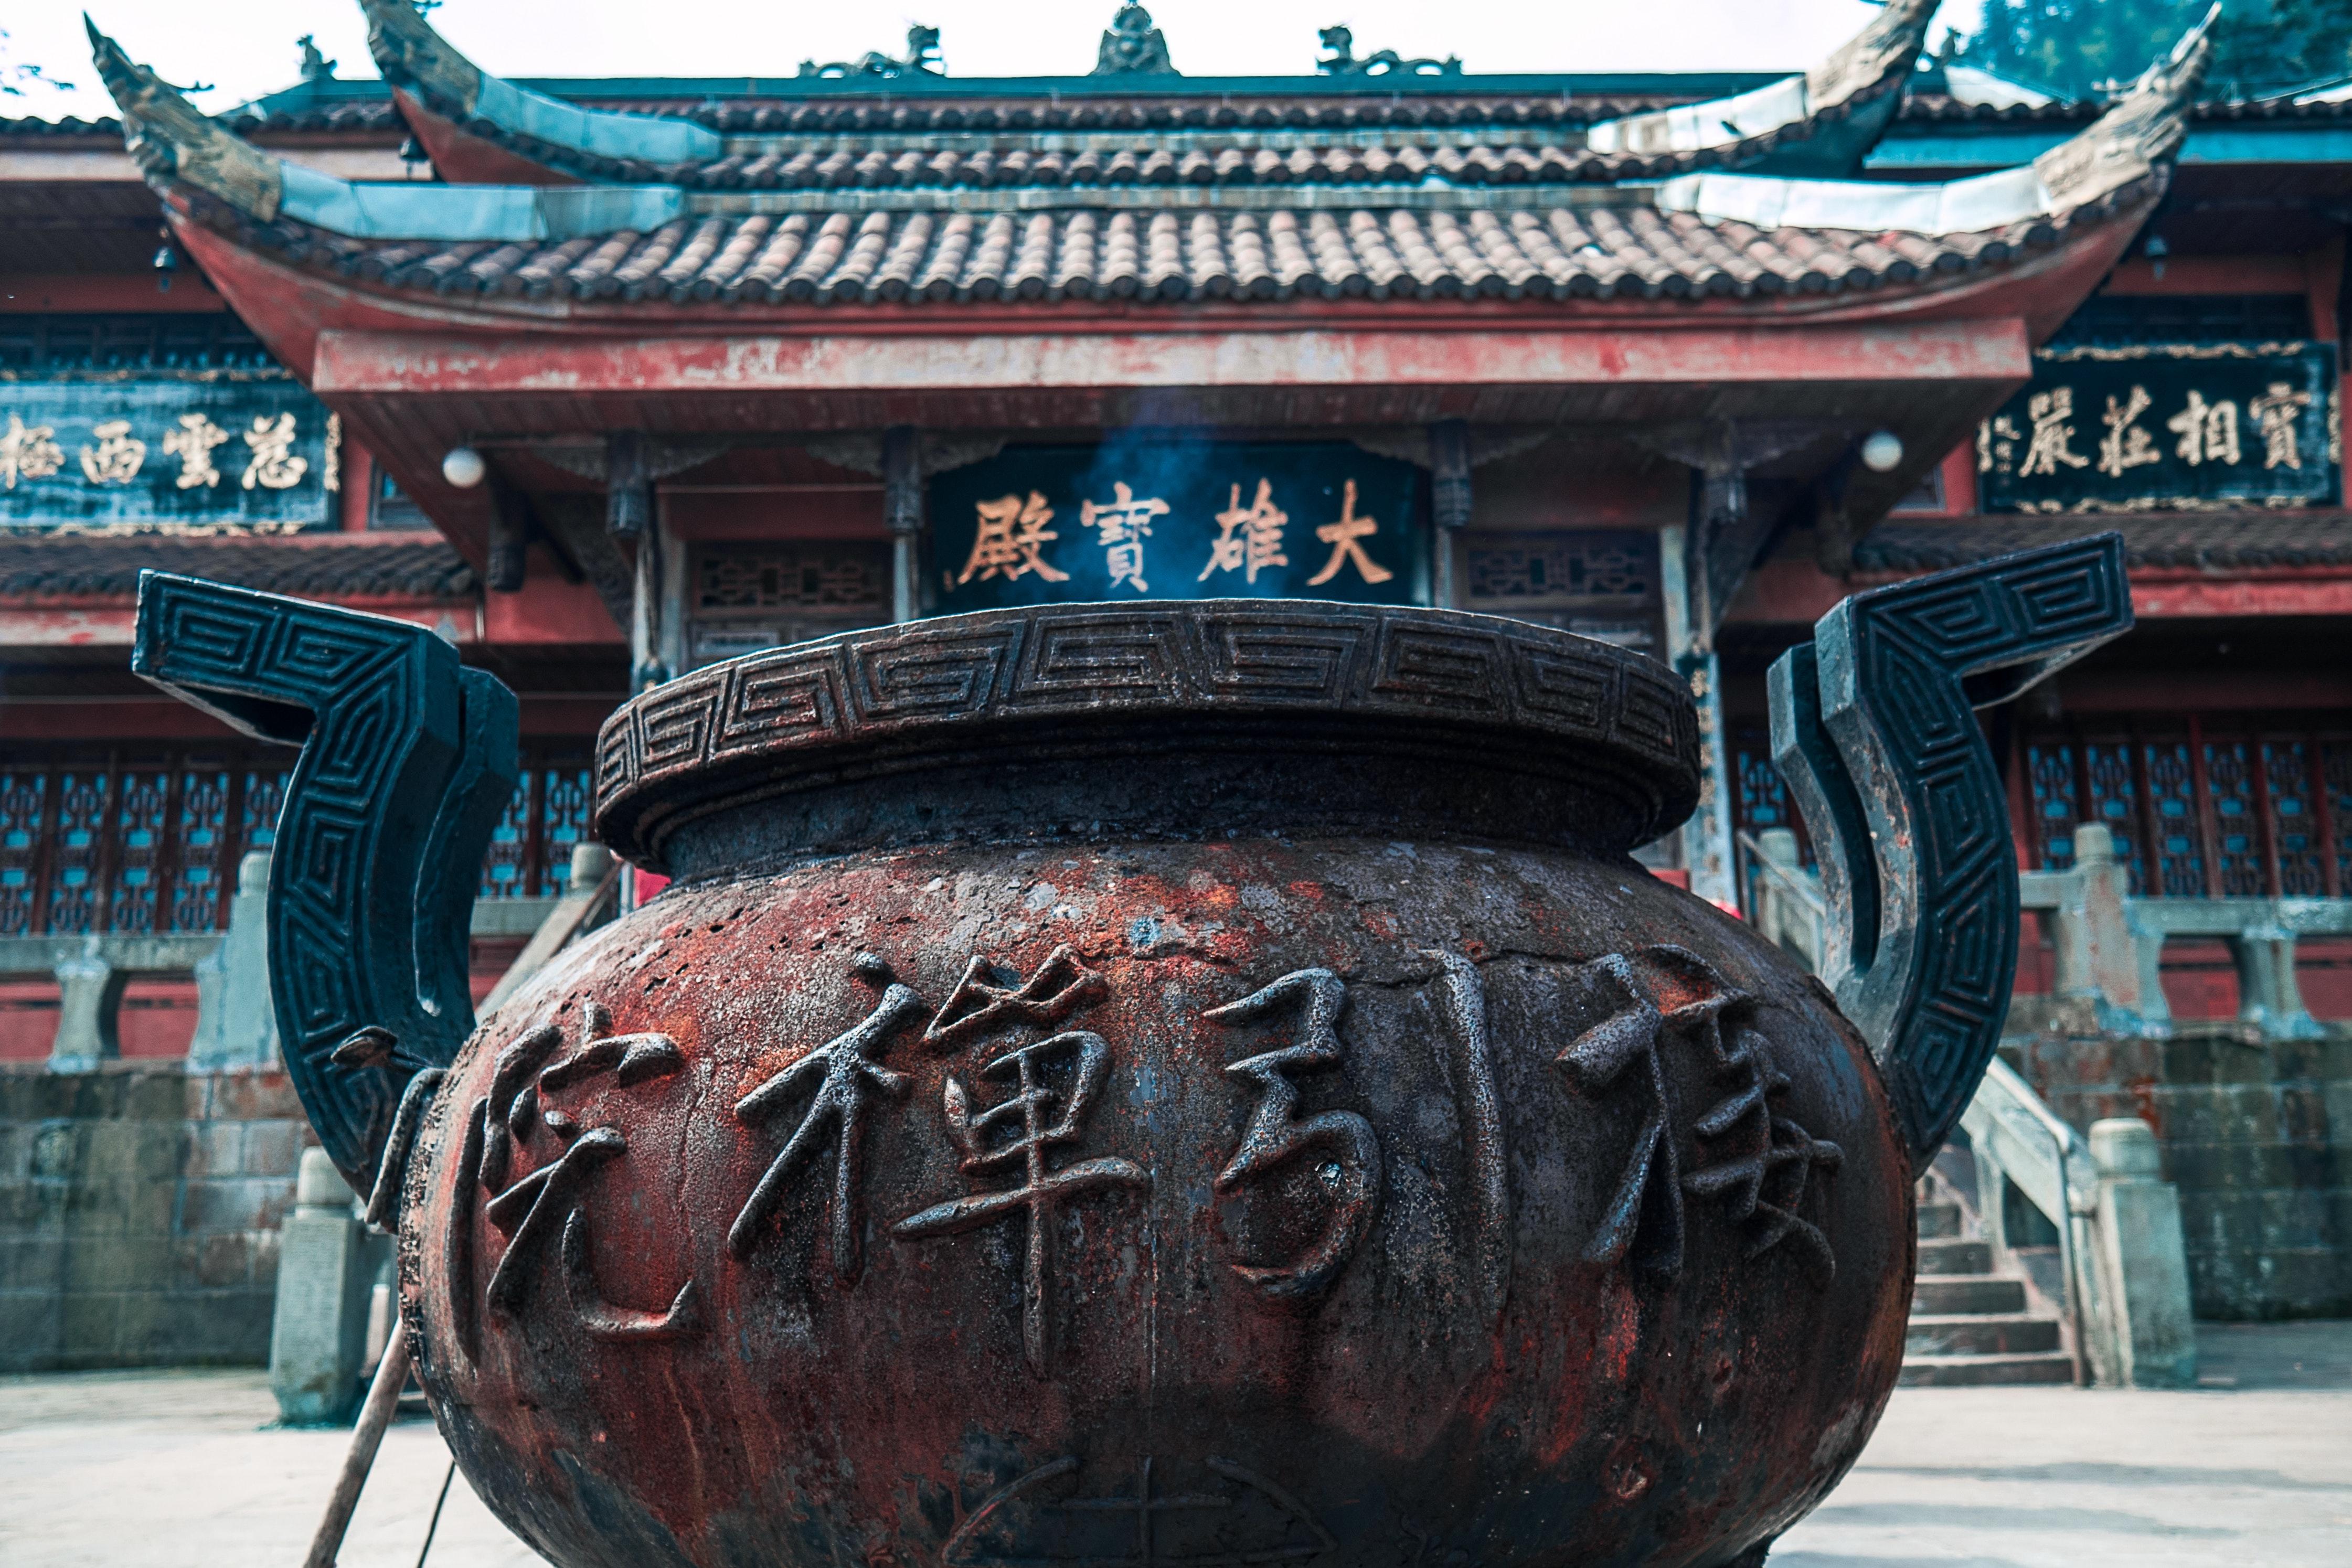 Chińska straż graniczna śledzi turystów, instaluje spyware na smartfonach